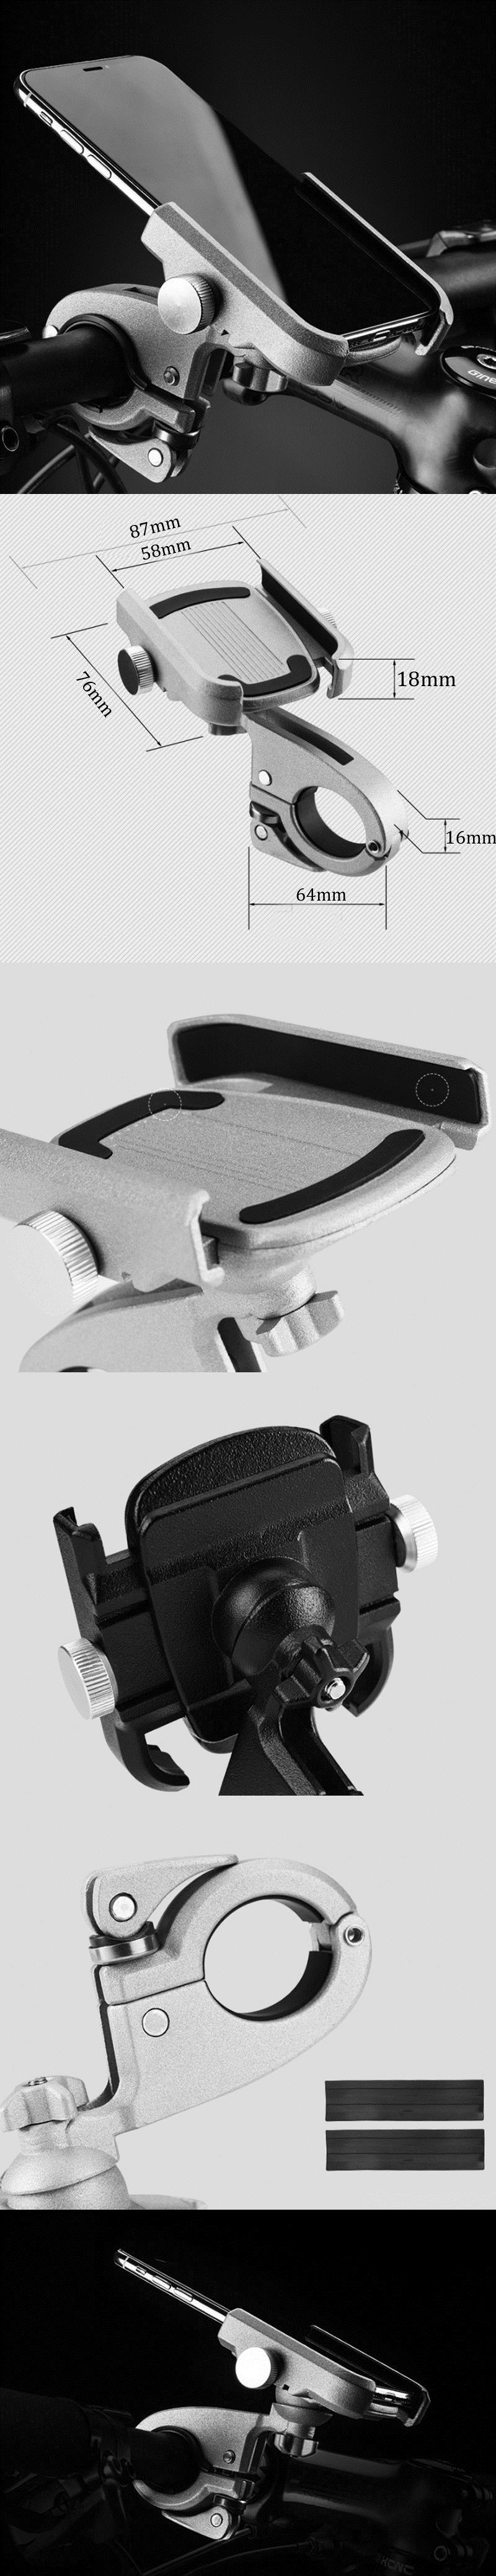 ROCKBROSЧПУмотоциклE-bikeВелосипедВелосипед Держатель телефона для iPhone Xiaomi GPS Держатель телефона Регулируема - фото 1